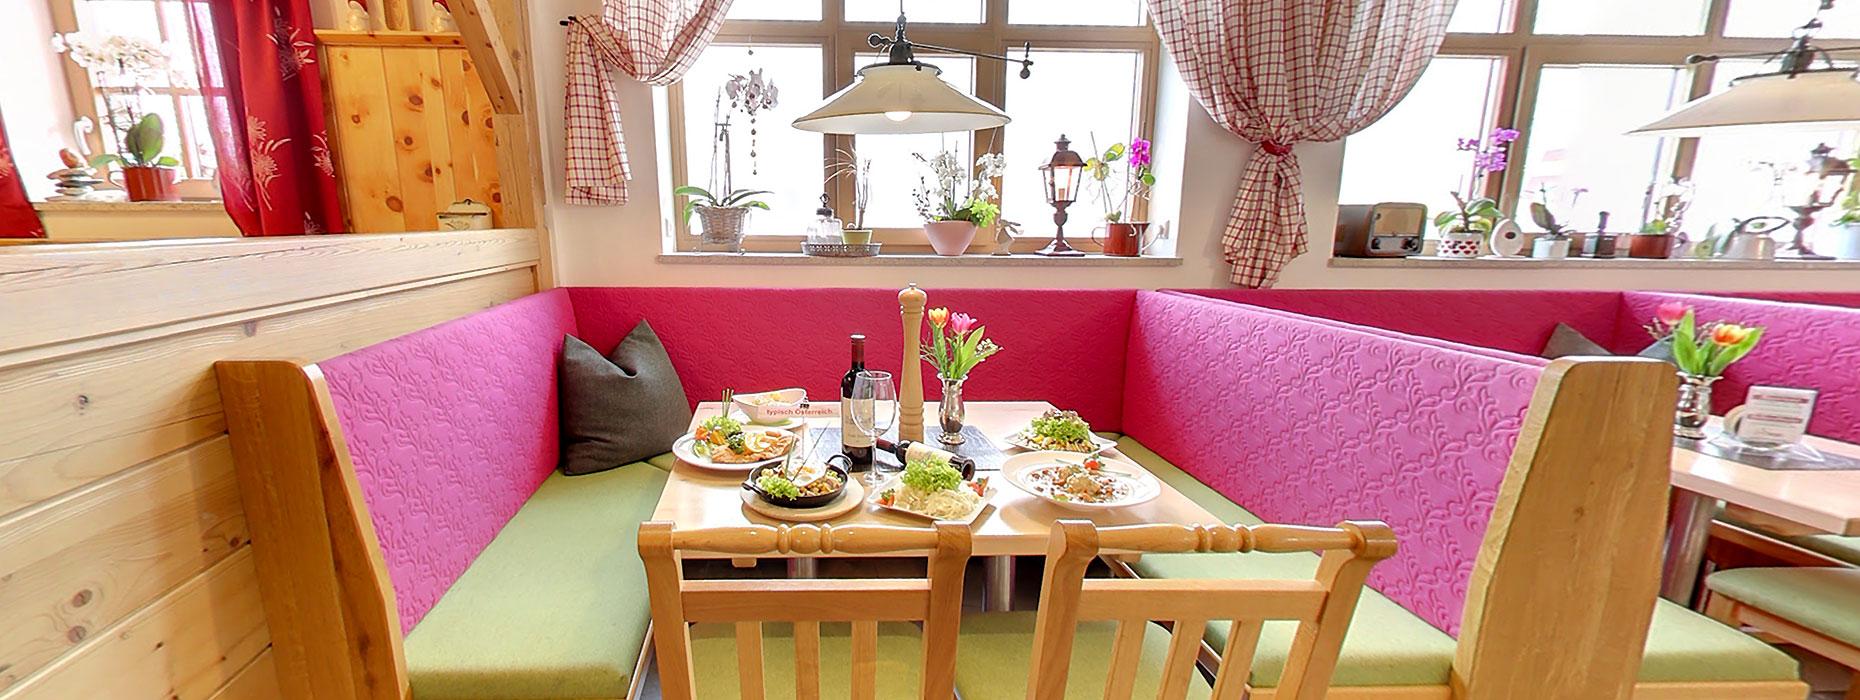 Kulinarik in unserem 3-Sterne Hotel in Obertauern, Salzburg